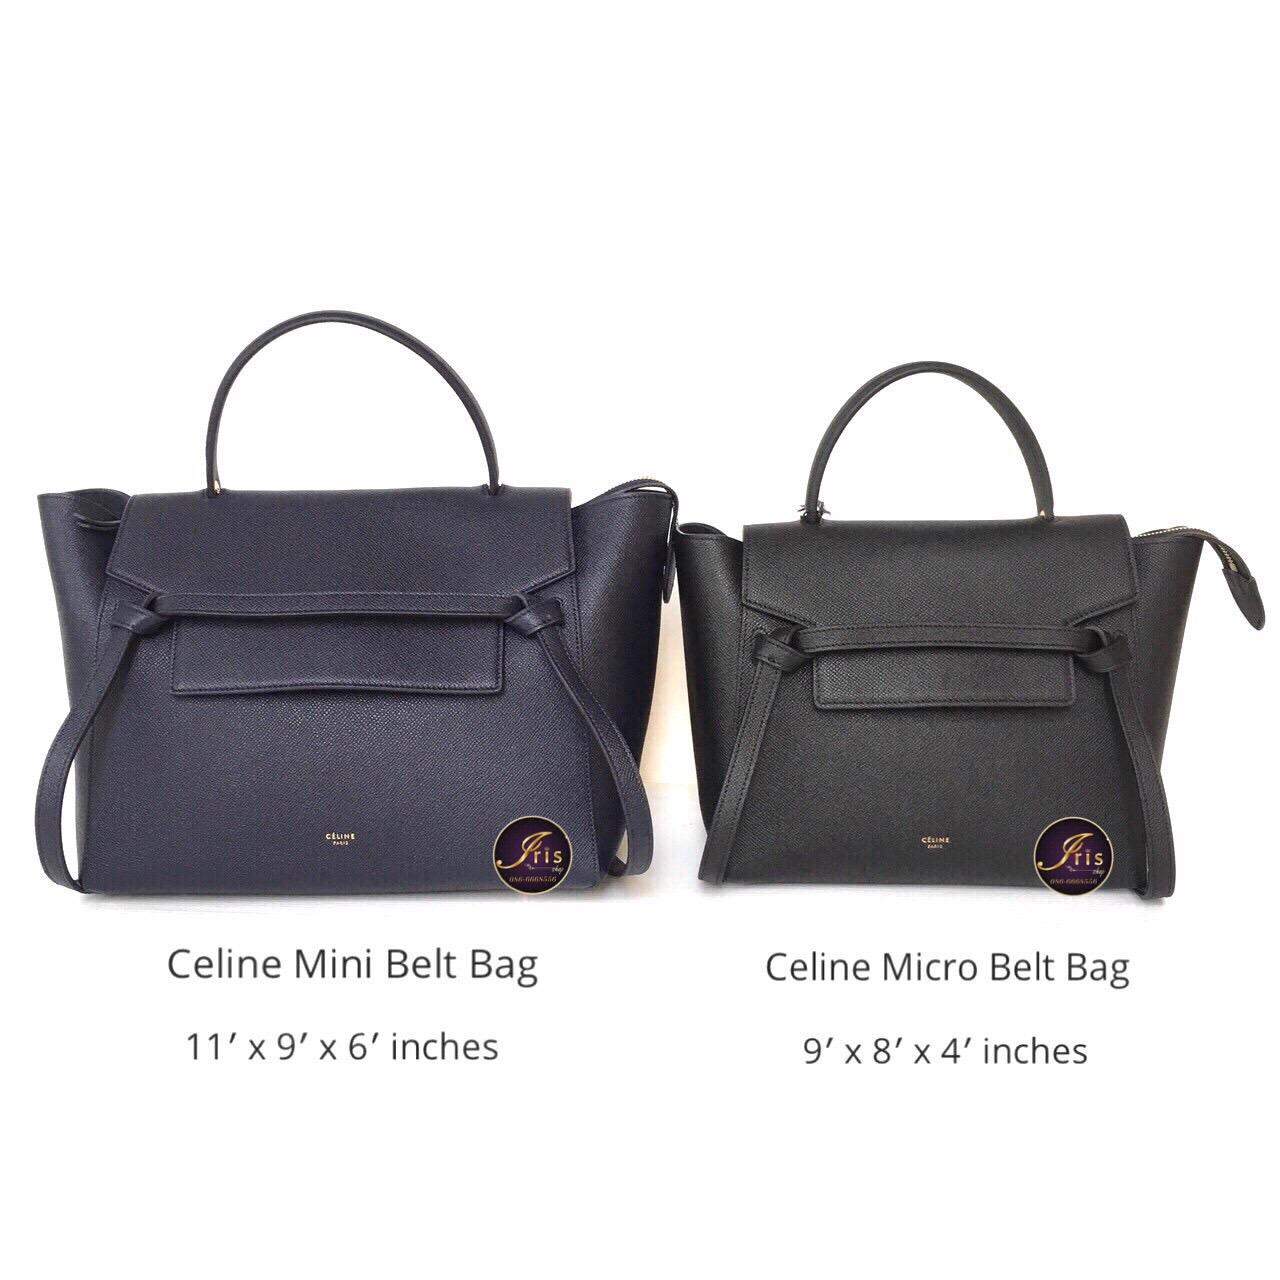 กระเป า Celine Mini Belt Bag In Grained Calfskin ของใหม พร อมส ง Iris Shop